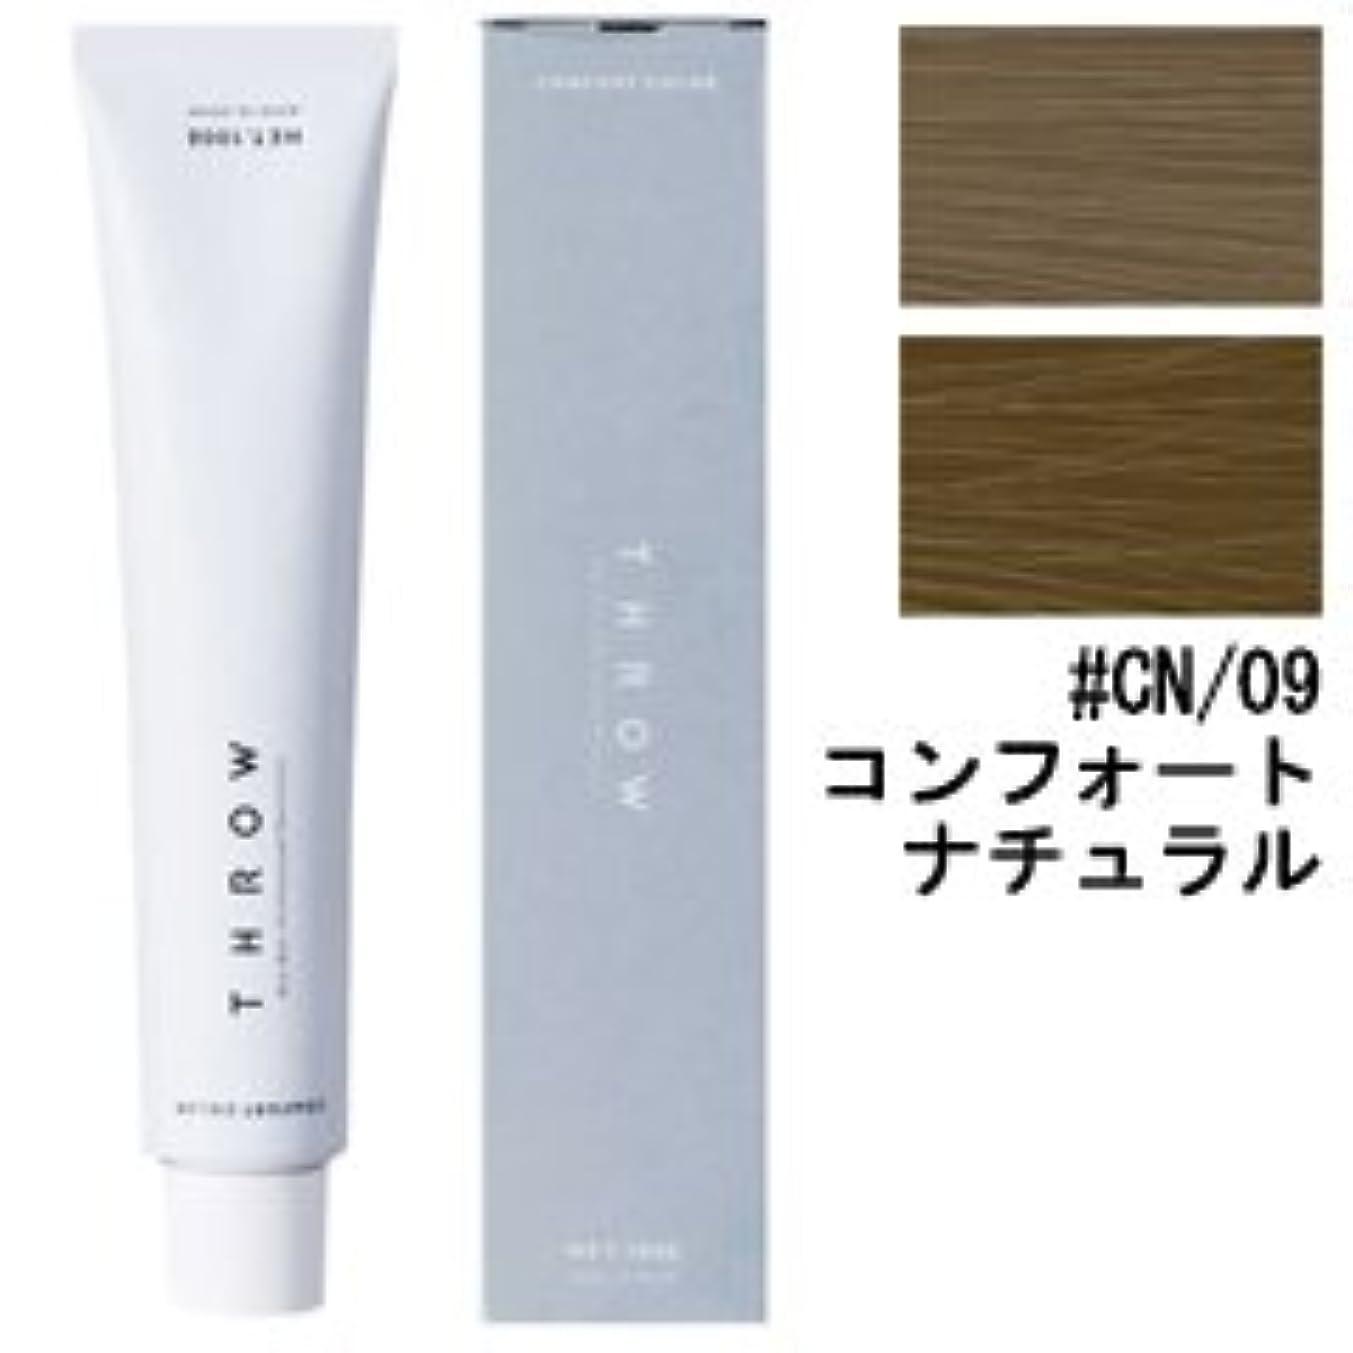 【モルトベーネ】スロウ コンフォートカラー #CN/09 コンフォートナチュラル 100g